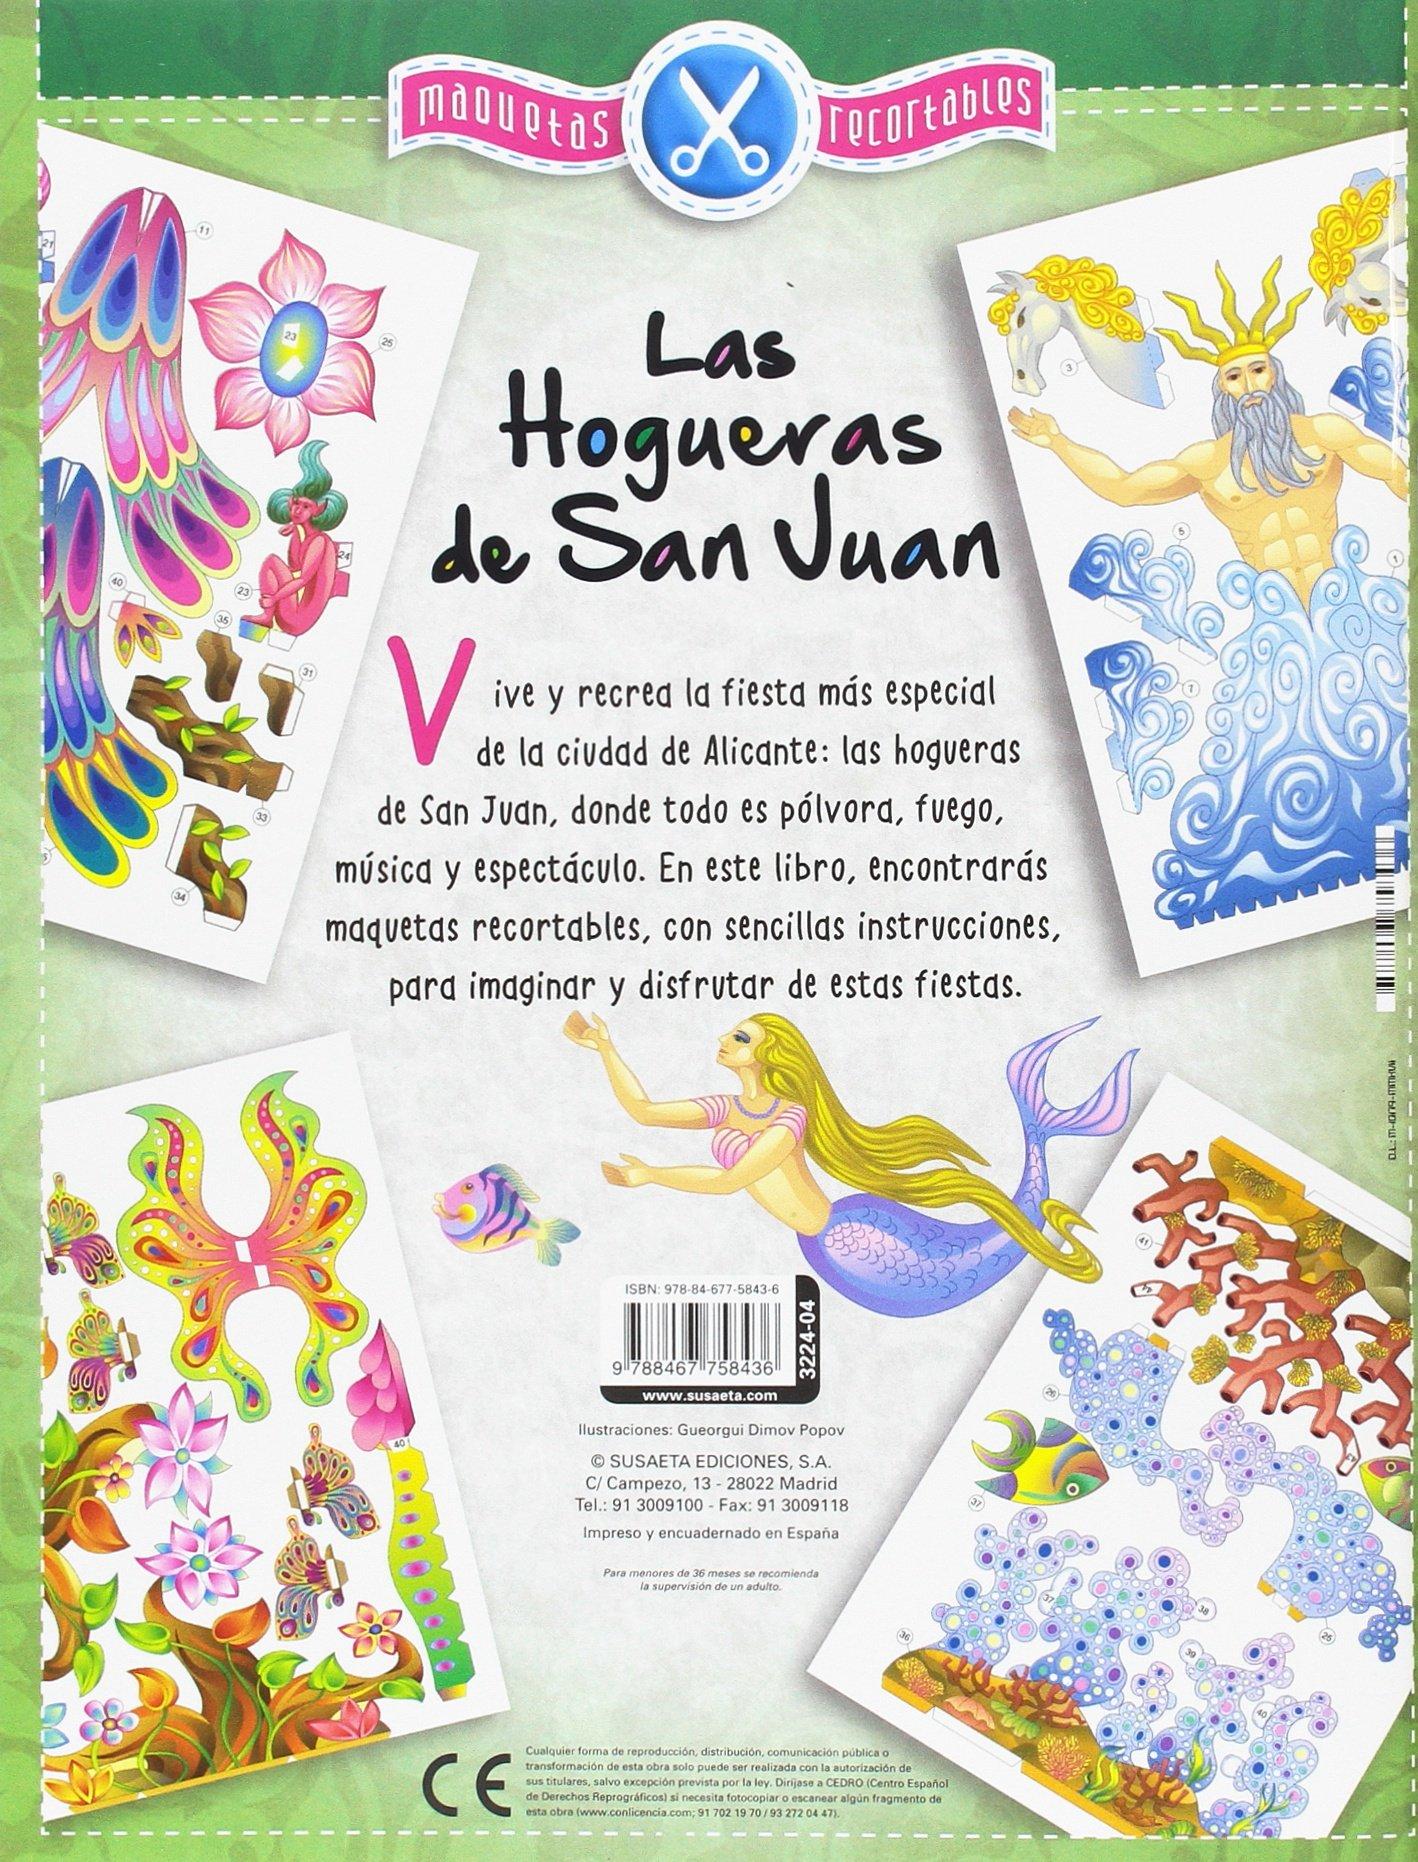 Las Hogueras de San Juan, maquetas recortables: Amazon.es: Susaeta, Equipo, Dimov Popov, Gueorgui: Libros